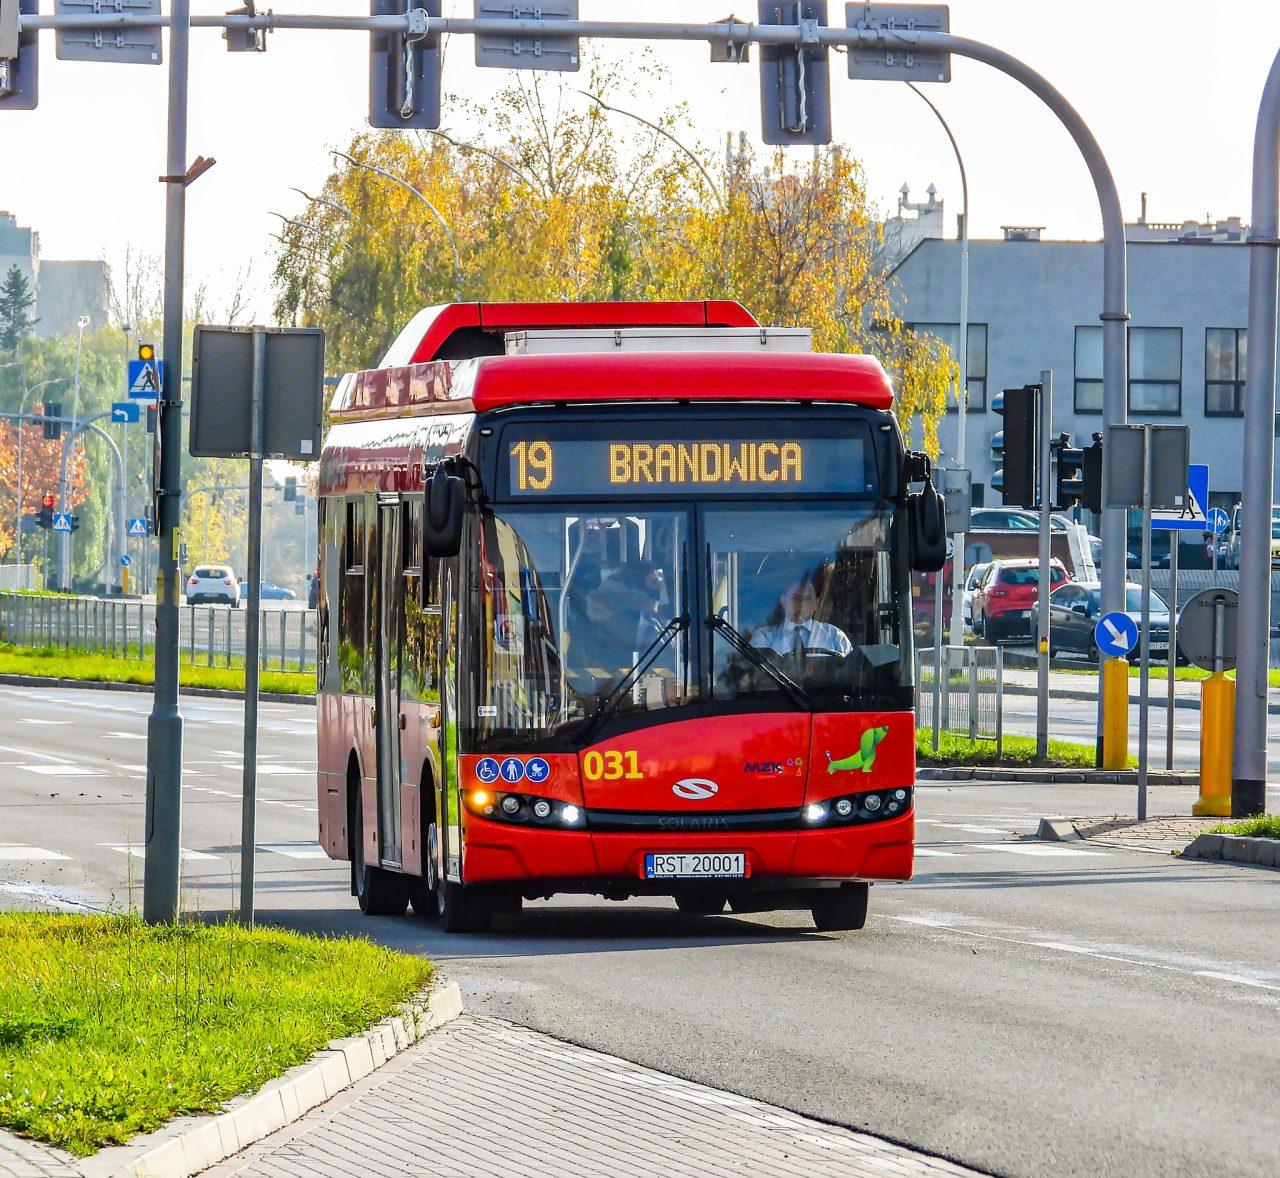 Autobus MZK nr 19 Brandwica